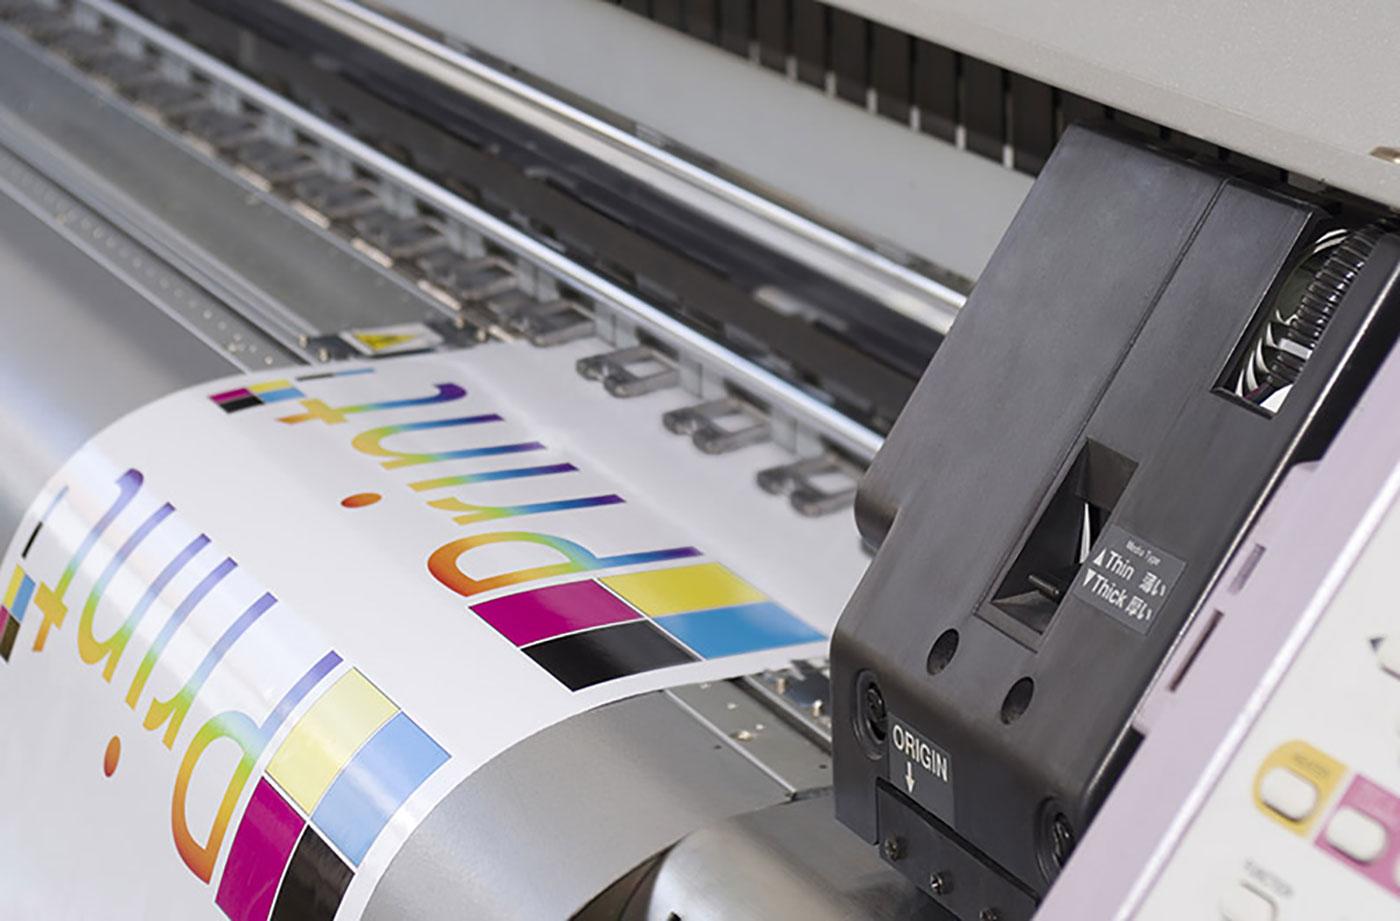 Abc Druck Kopie Gmbh Ihr Spezialist Für Druckerzeugnisse